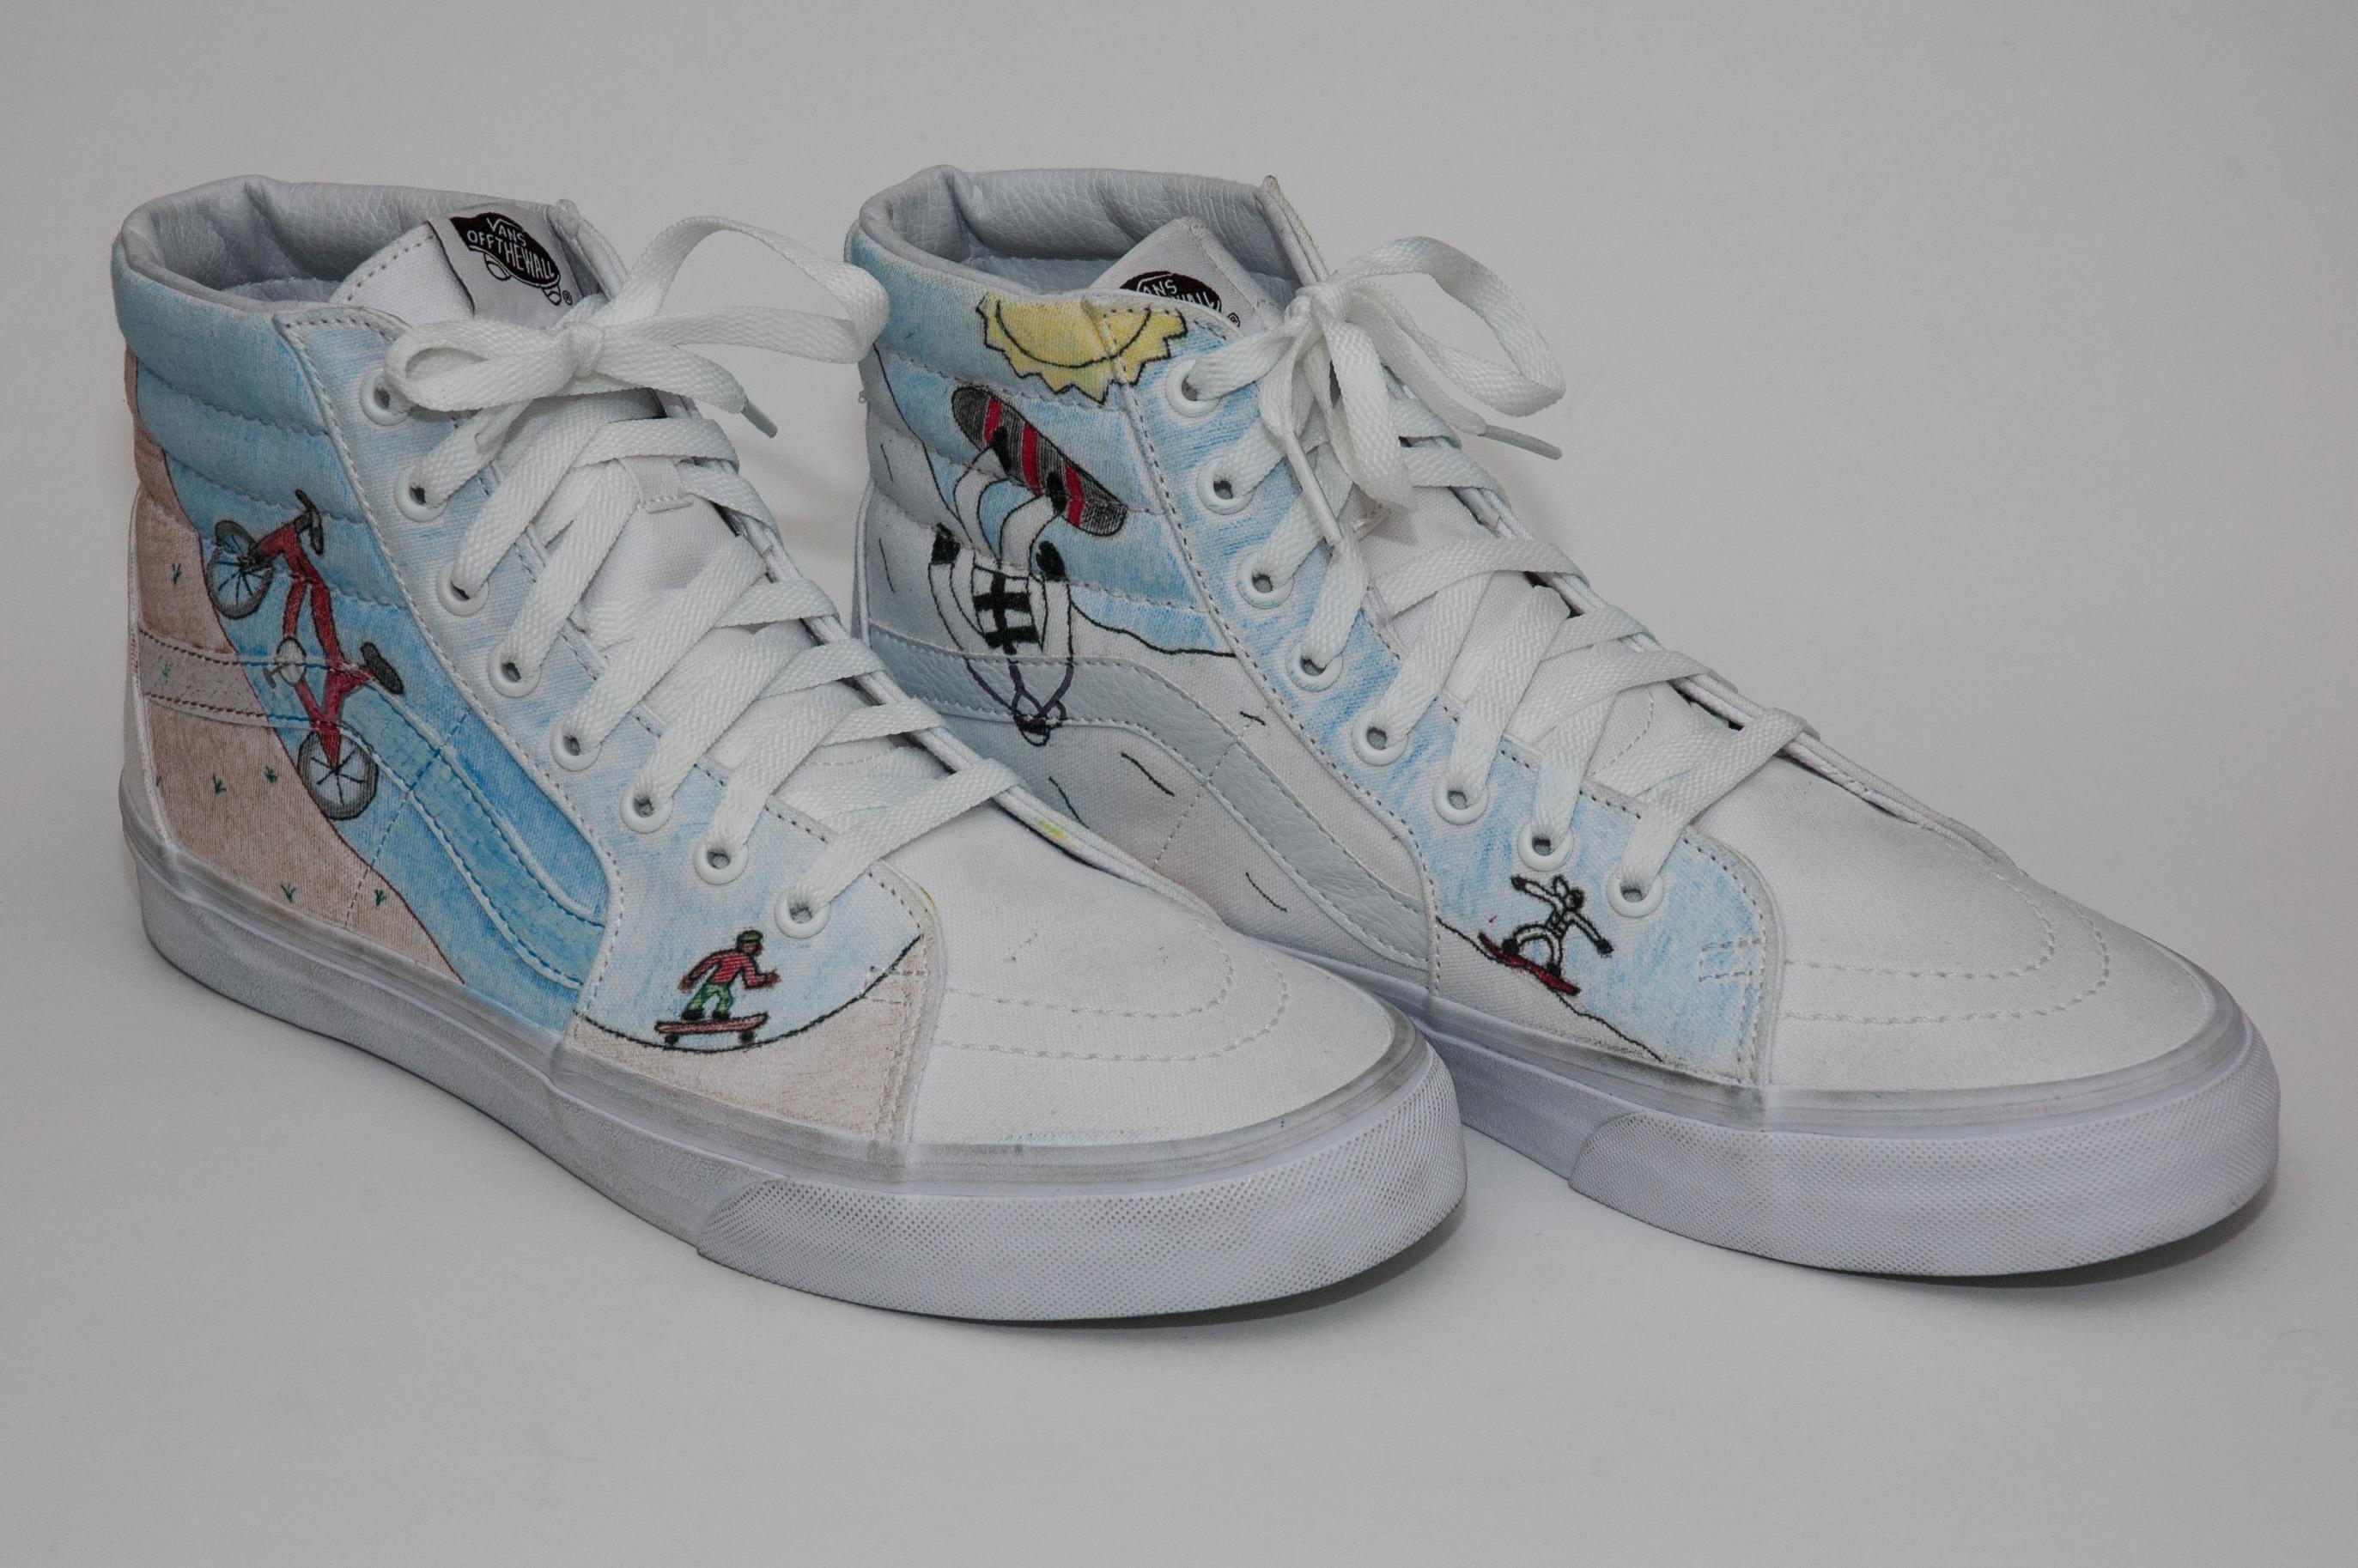 4c659d4b6eb819 Vans Custom Culture Shoe Competition 2014